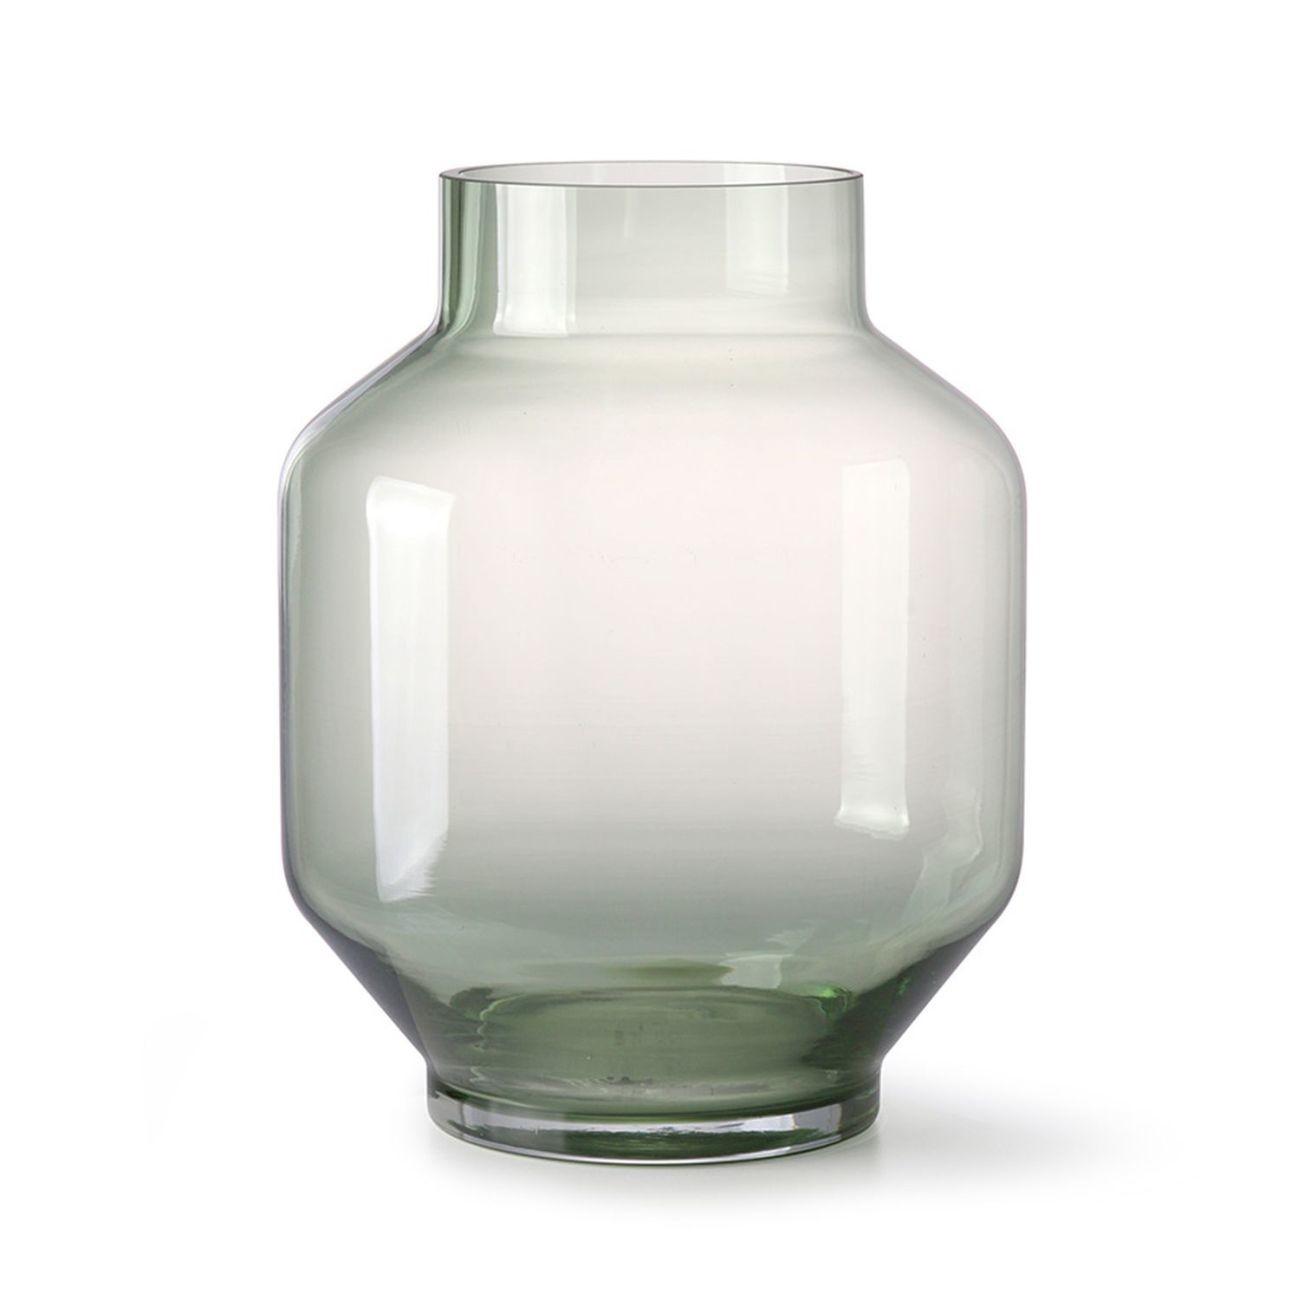 HK living green glass Vase - L